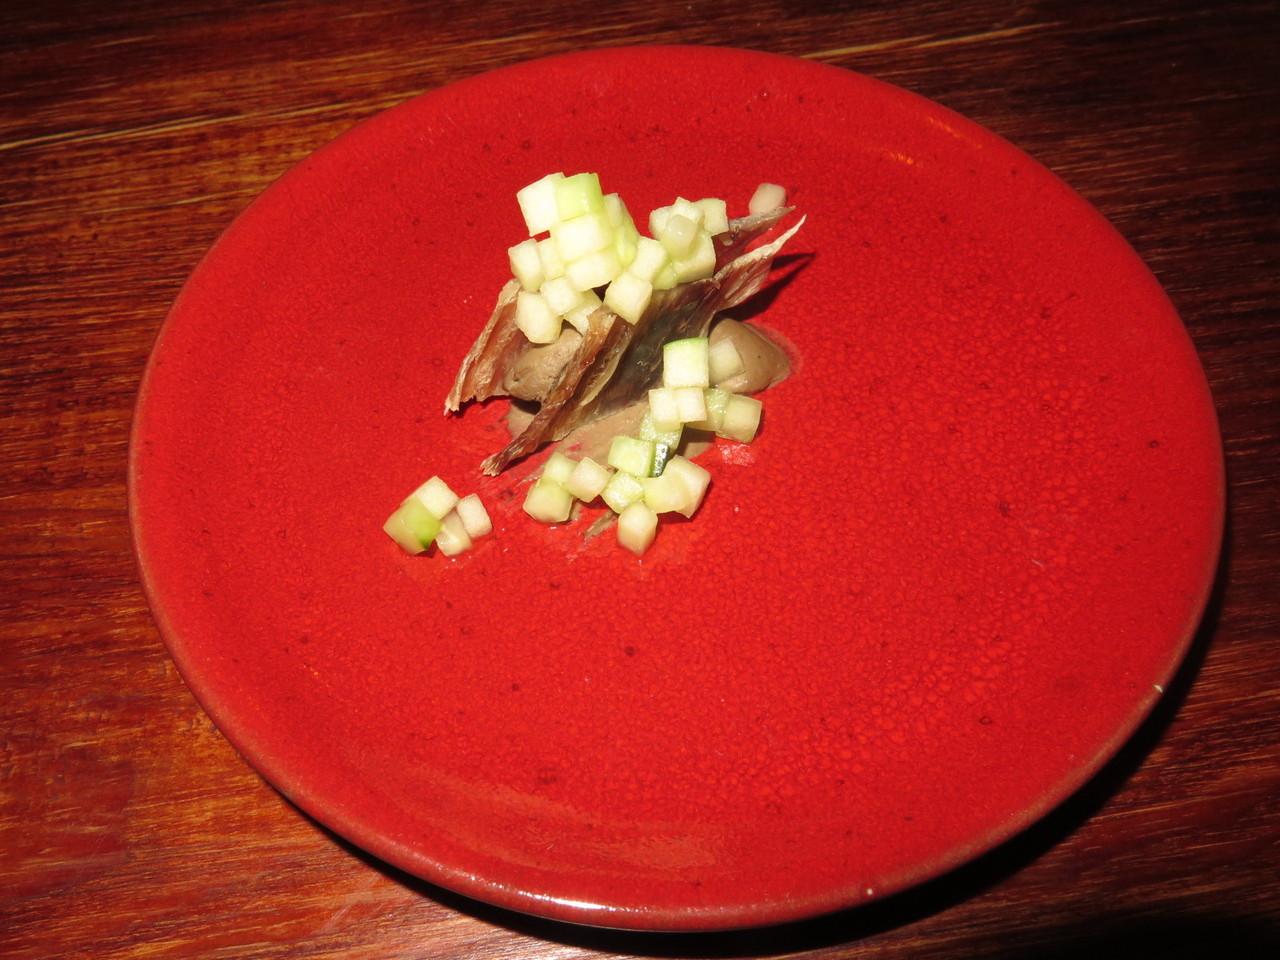 Deves ser carapau (de corrida) seco, fígados, picle de maçã e pepino – Hugo Brito